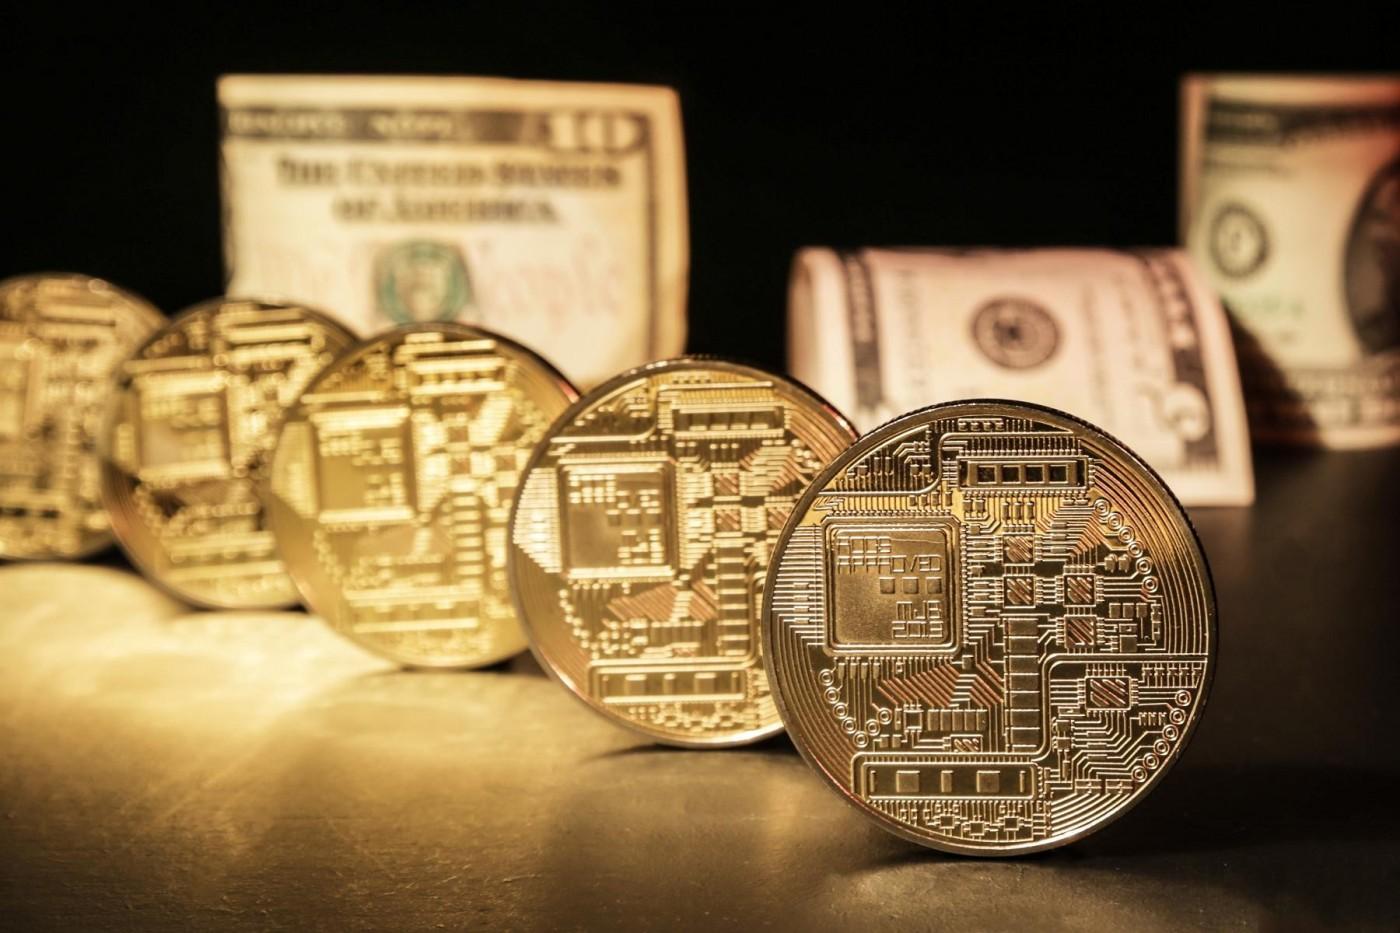 「冠狀幣」問世!這群人靠密碼貨幣發災難財,疫情越慘價越高